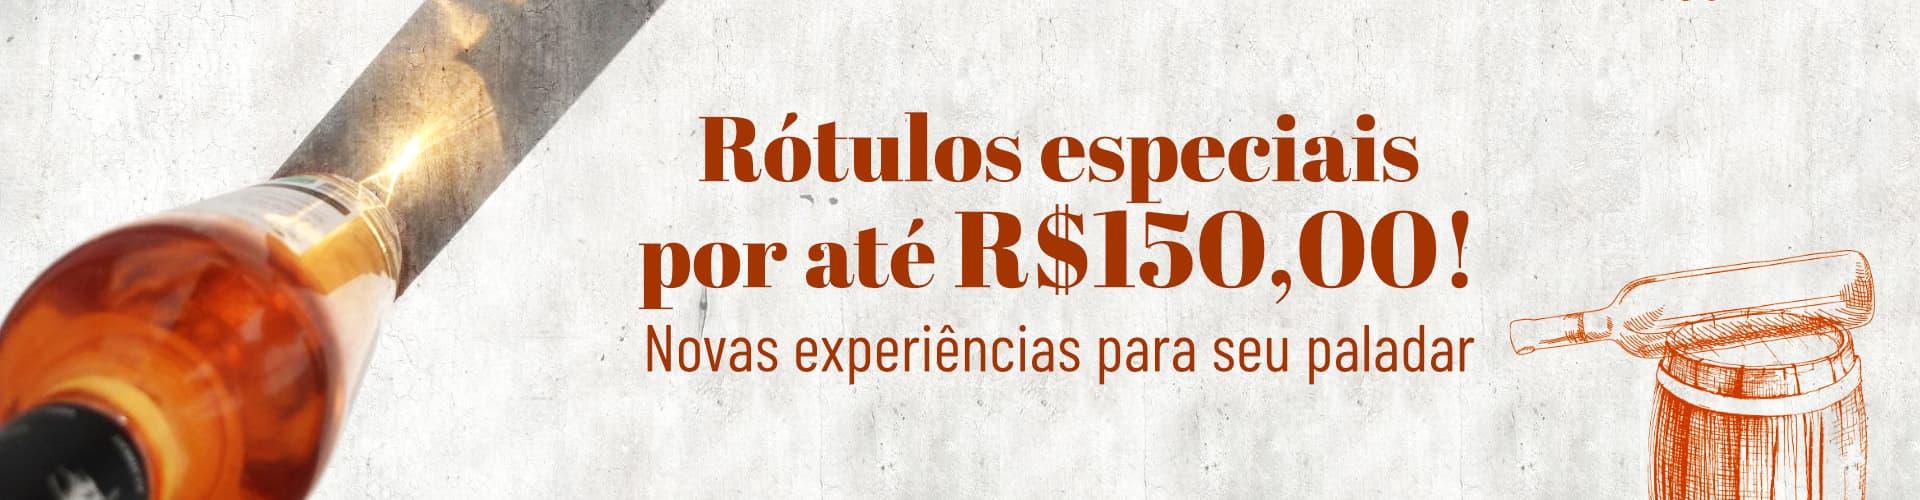 Até 150 reais